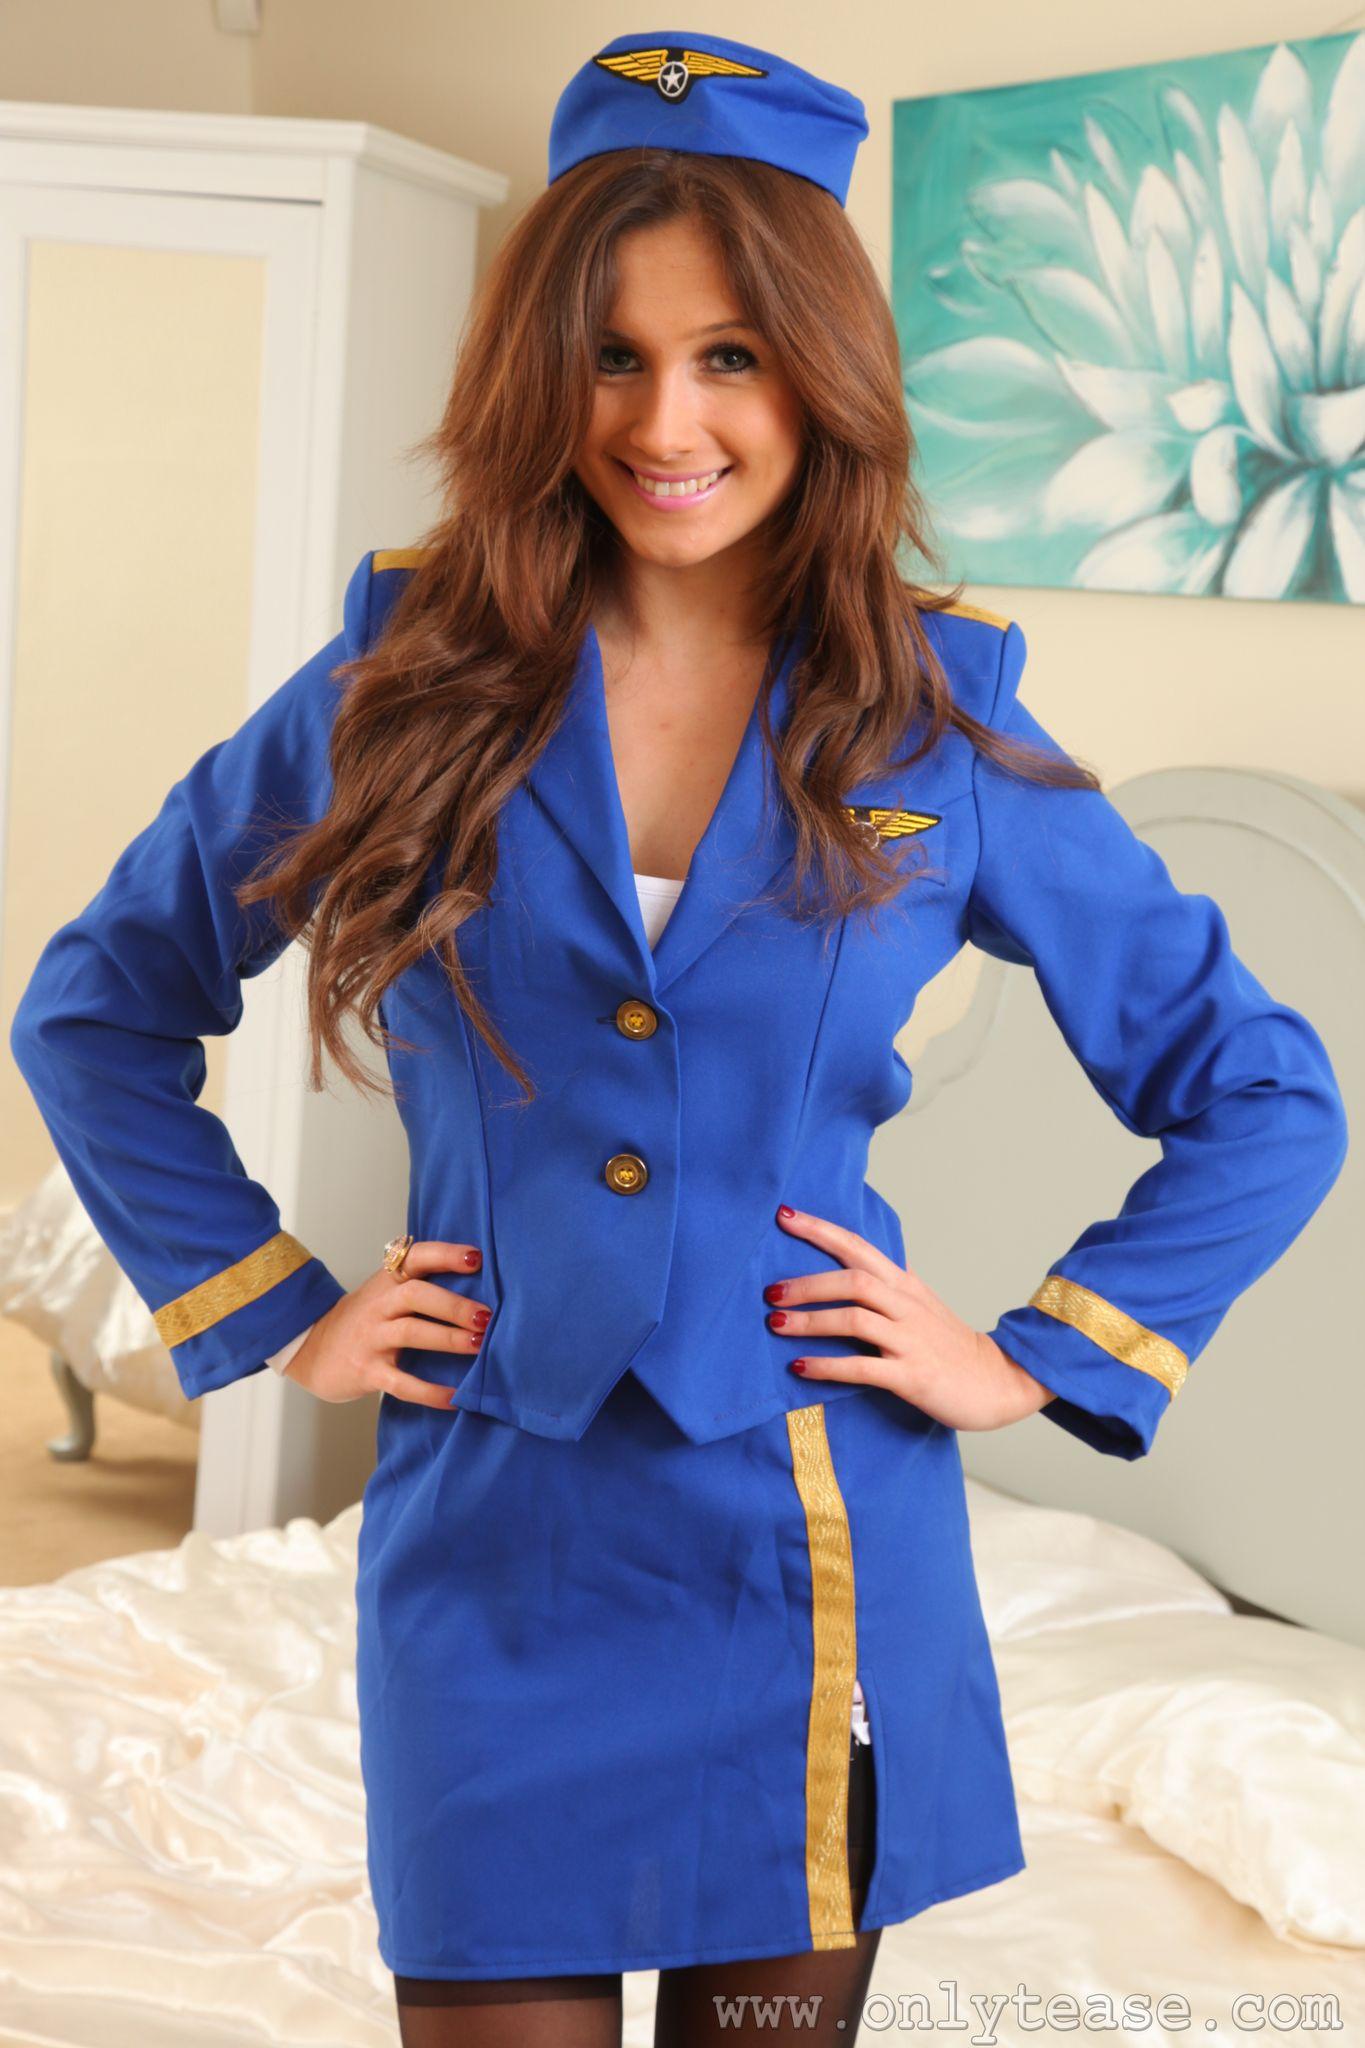 Japan uri stewardess nude gallery